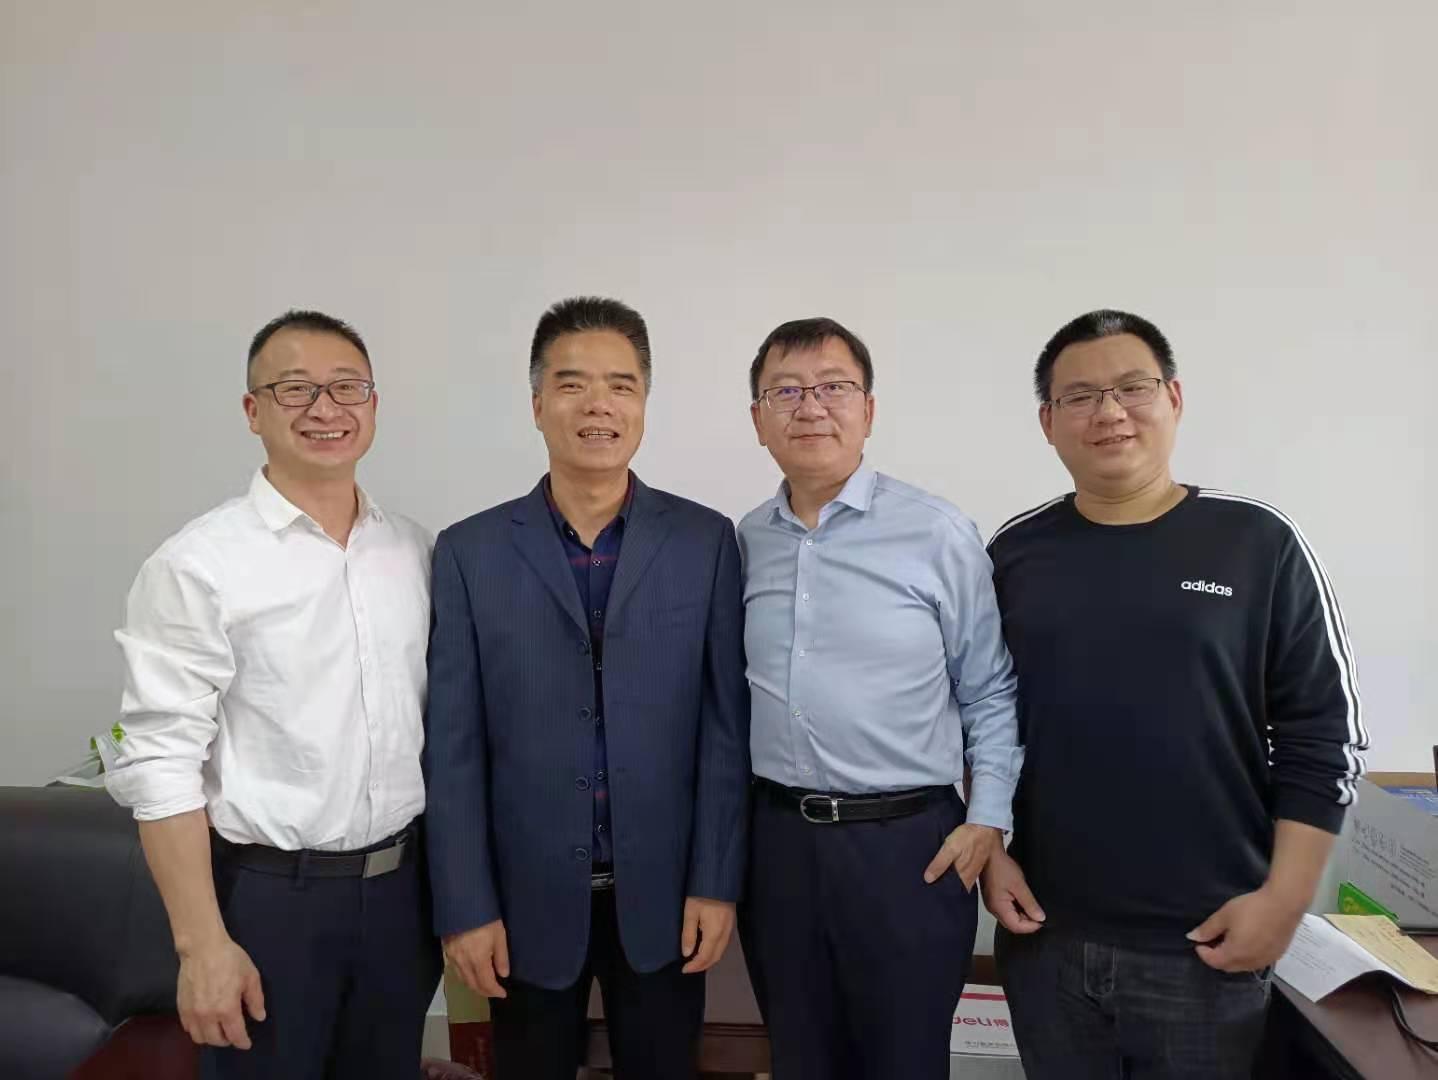 张栋伟受聘为集美大学创新创业导师